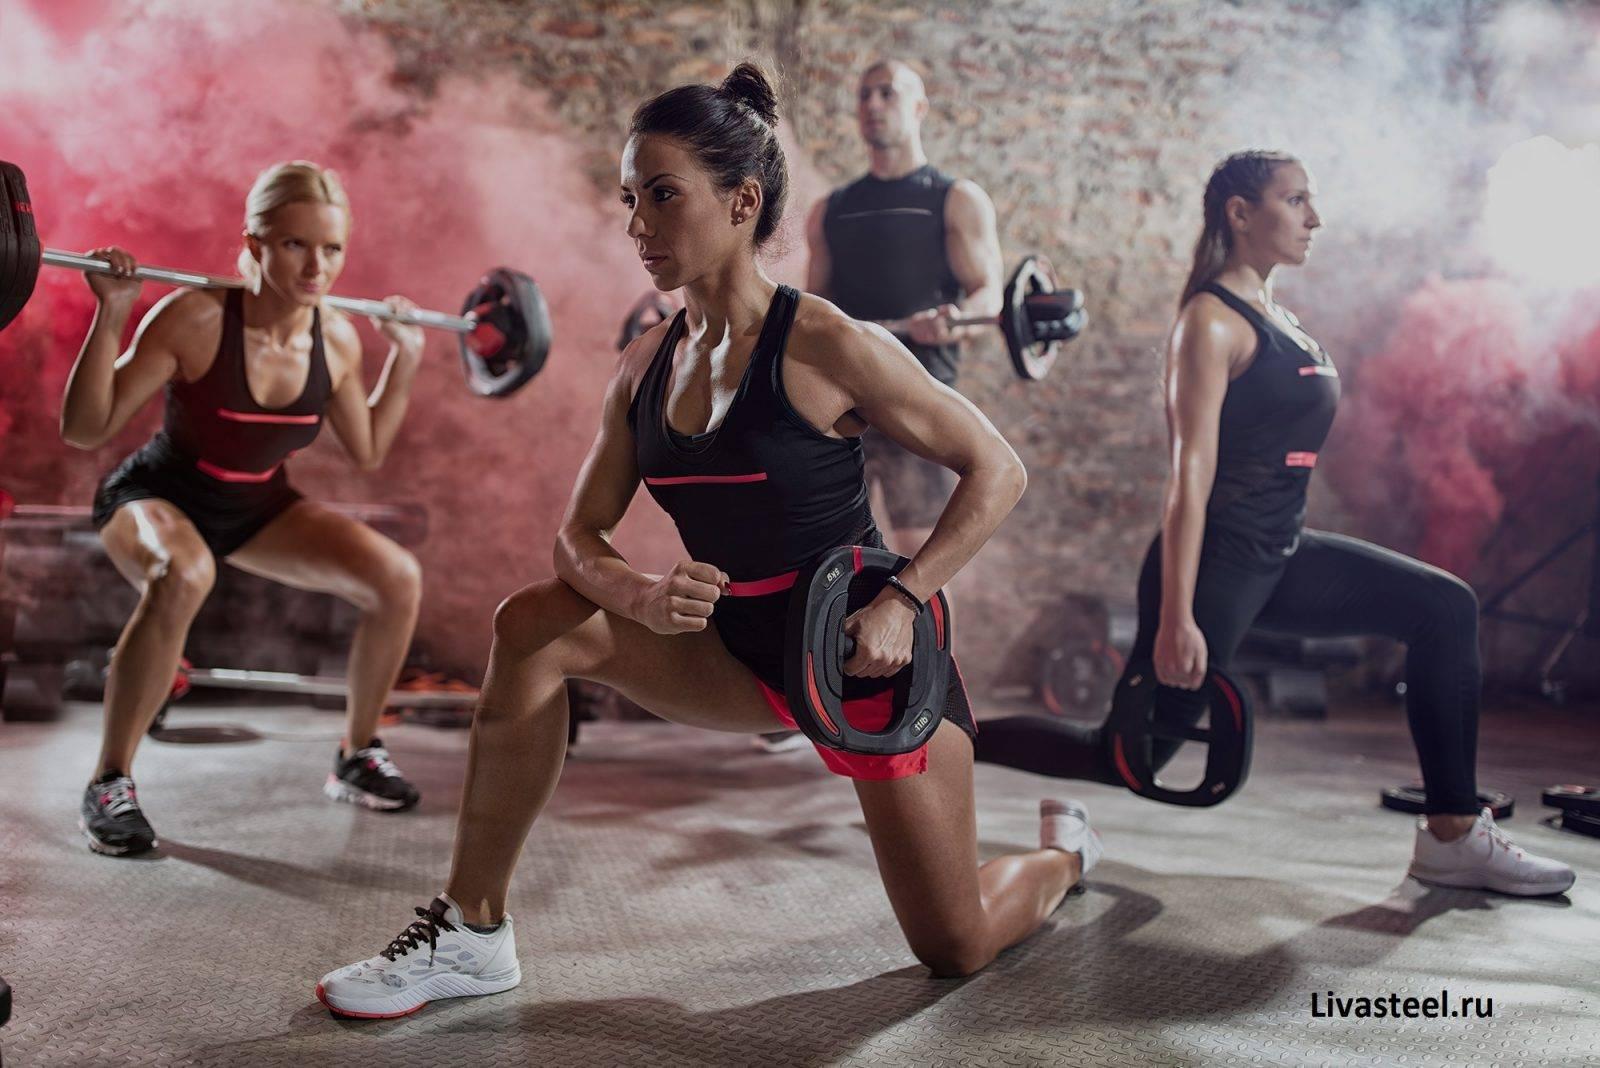 Интервальные тренировки — принципы и рекомендации